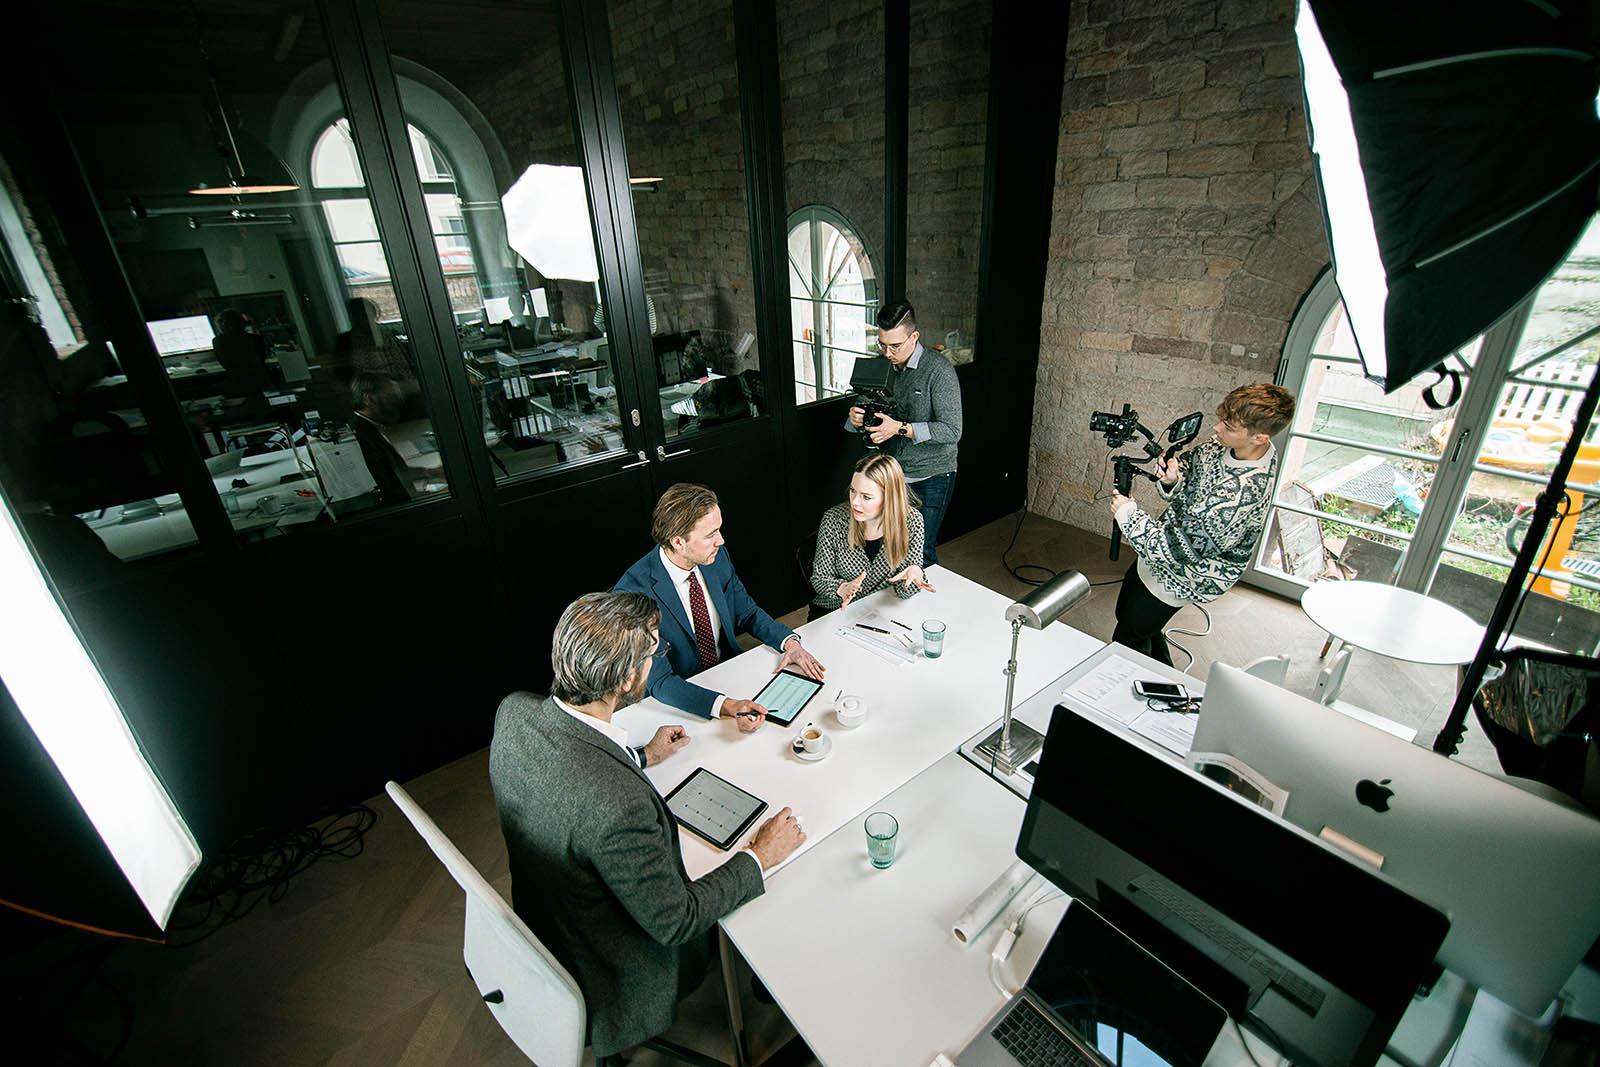 Egal, ob Imagefilm, Produktfotografie, Mitarbeiter-Shootings, Kinowerbung oder Bildbearbeitung. Für jede Anforderung definieren wir gemeinsam alle wichtigen Schritte für eine erfolgreiche Realisierung Ihres Projektes. Wir übernehmen sowohl die Konzeption und Produktion, als auch den Schnitt & die Bearbeitung.